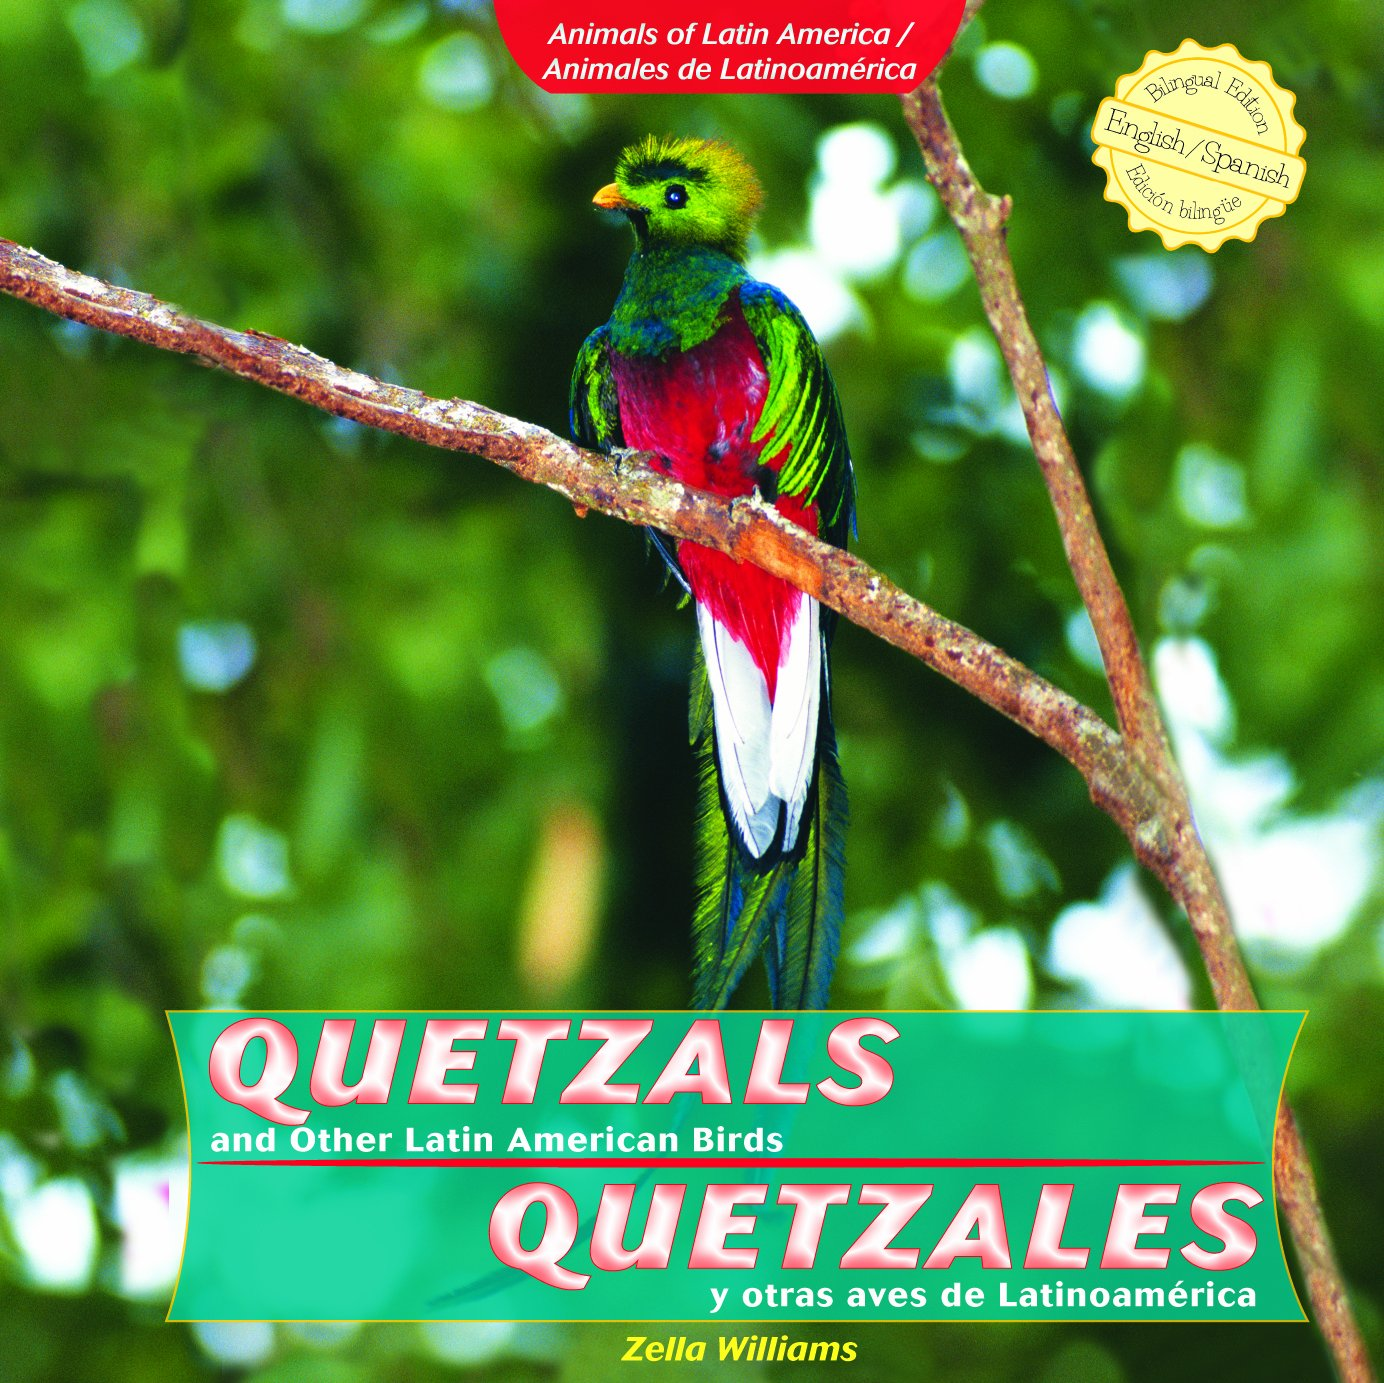 Quetzals and Other Latin American Birds / Quetzales y otras aves de Latinoamerica (Animals of Latin America / Animales De Latinoamerica) (Spanish and English Edition)